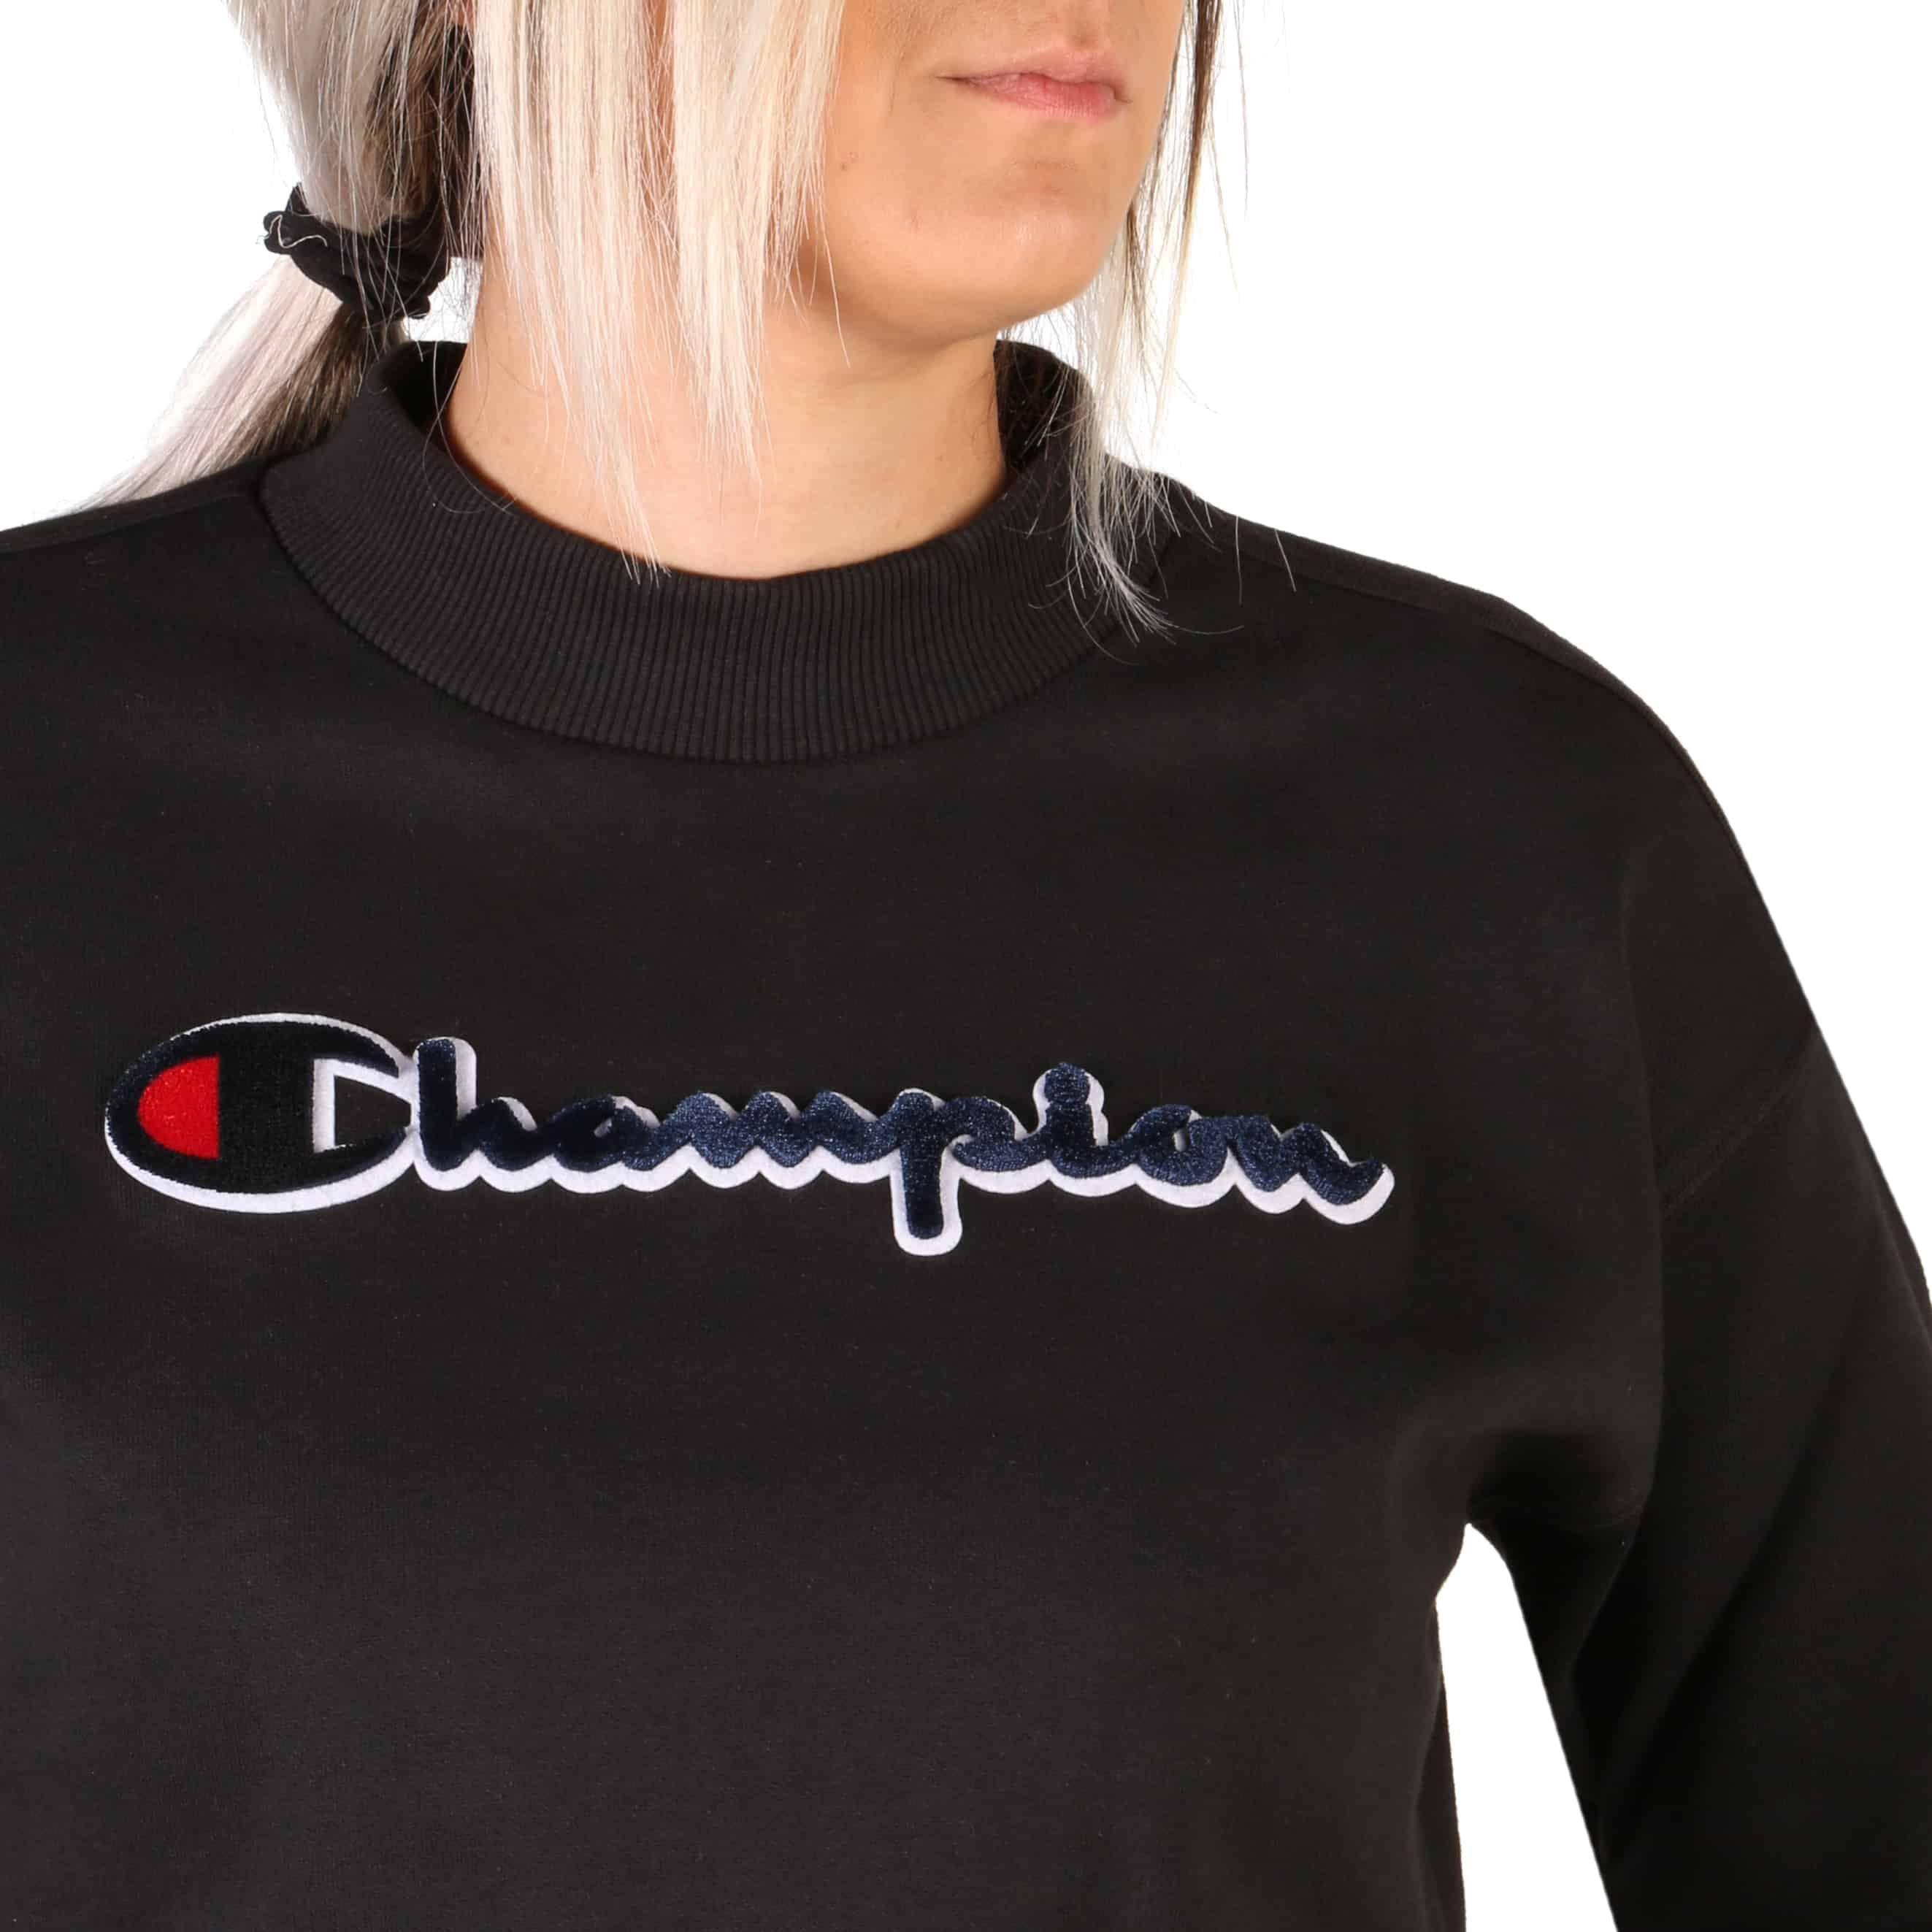 Sweat-shirts Champion – 111968